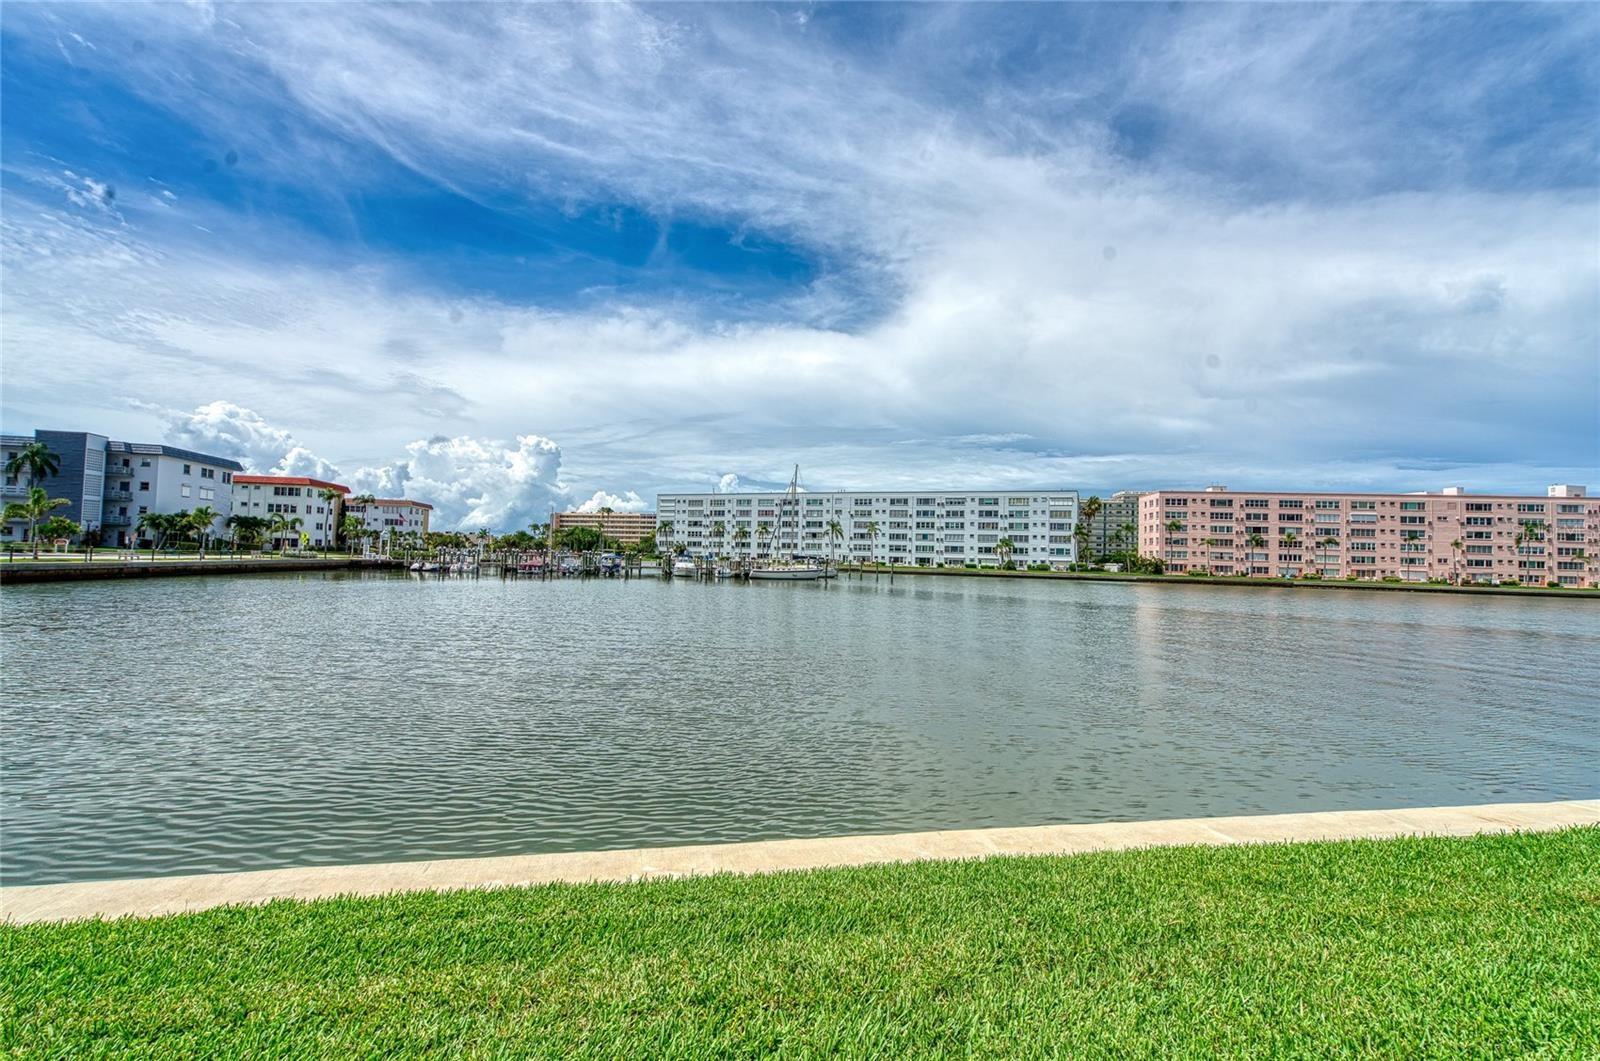 5940 30TH AVENUE S #104, Gulfport, FL 33707 - #: U8137031